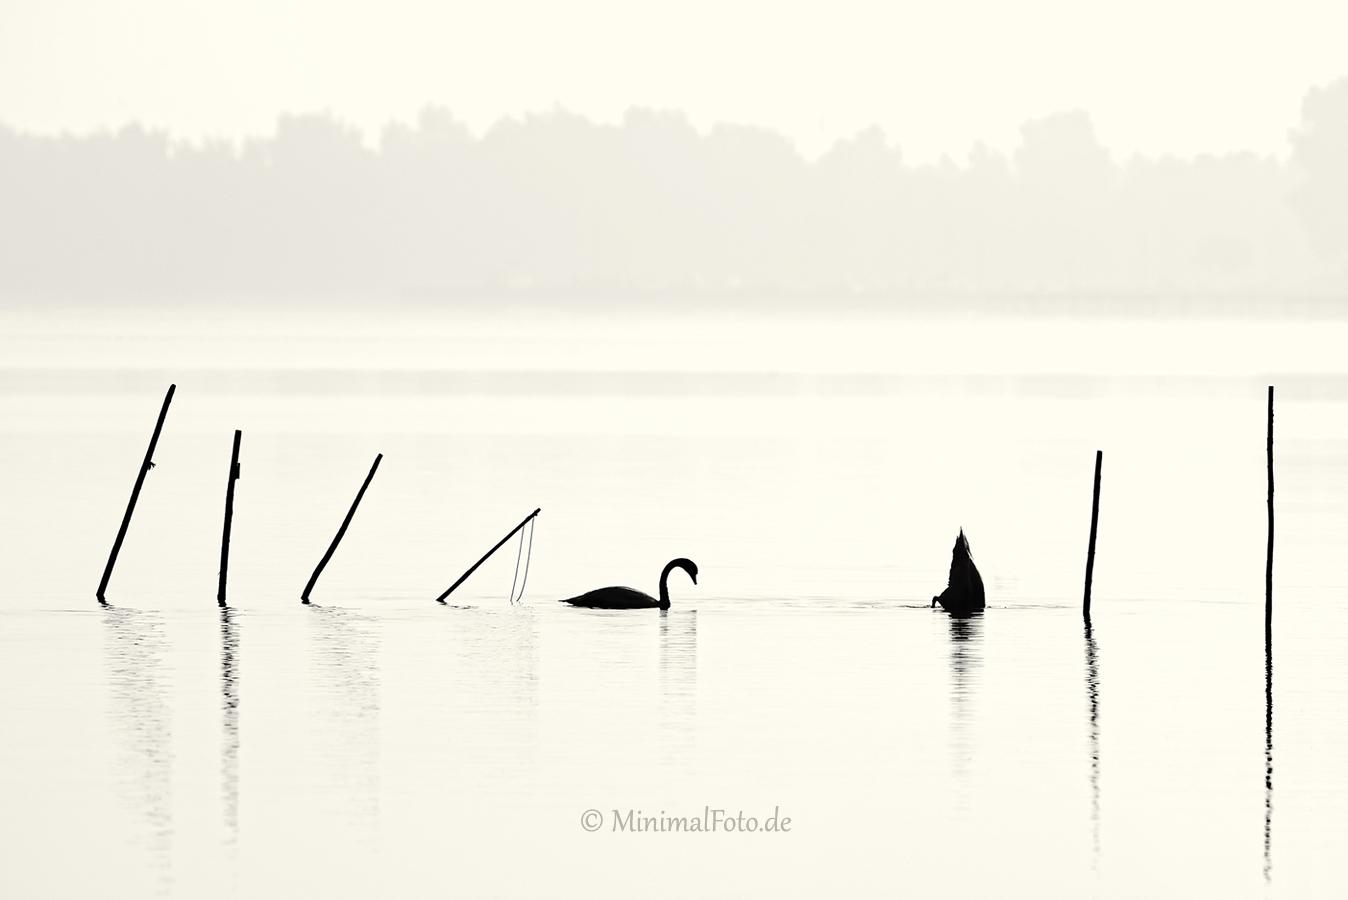 Schwan-Höcker-mute-swan-Fisch-Reusen-Stange-vogel-bird-silhouette-Minimalismus-minimalistisch-minimalistic-black-white-schwarz-weiss-A_NIK6077-sw